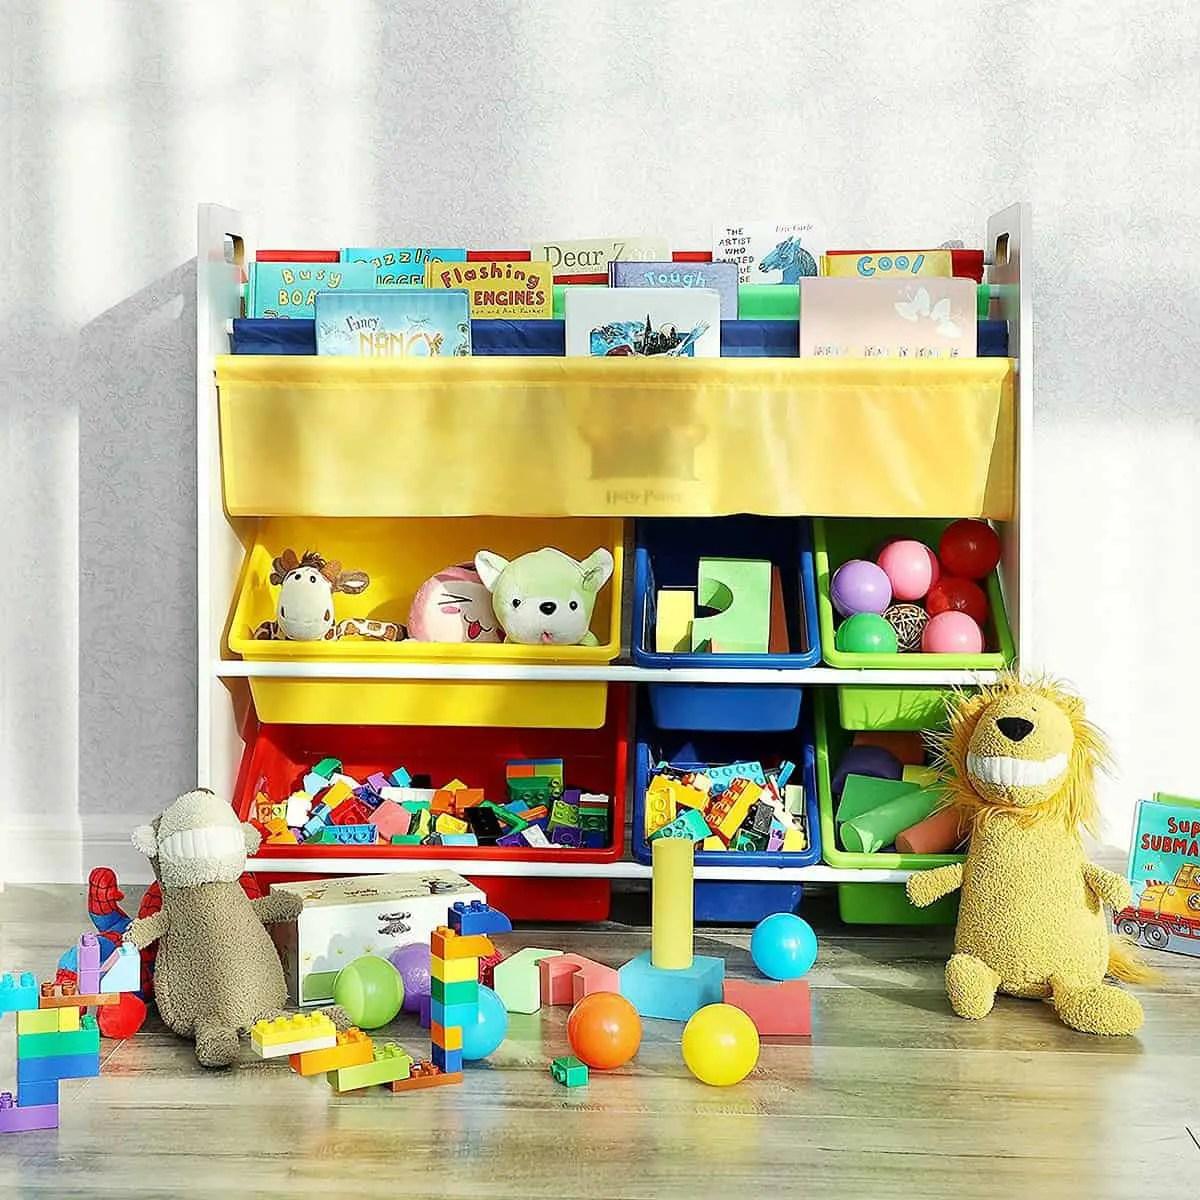 rangement jouet astuce astuce rangement jouet salon. Black Bedroom Furniture Sets. Home Design Ideas